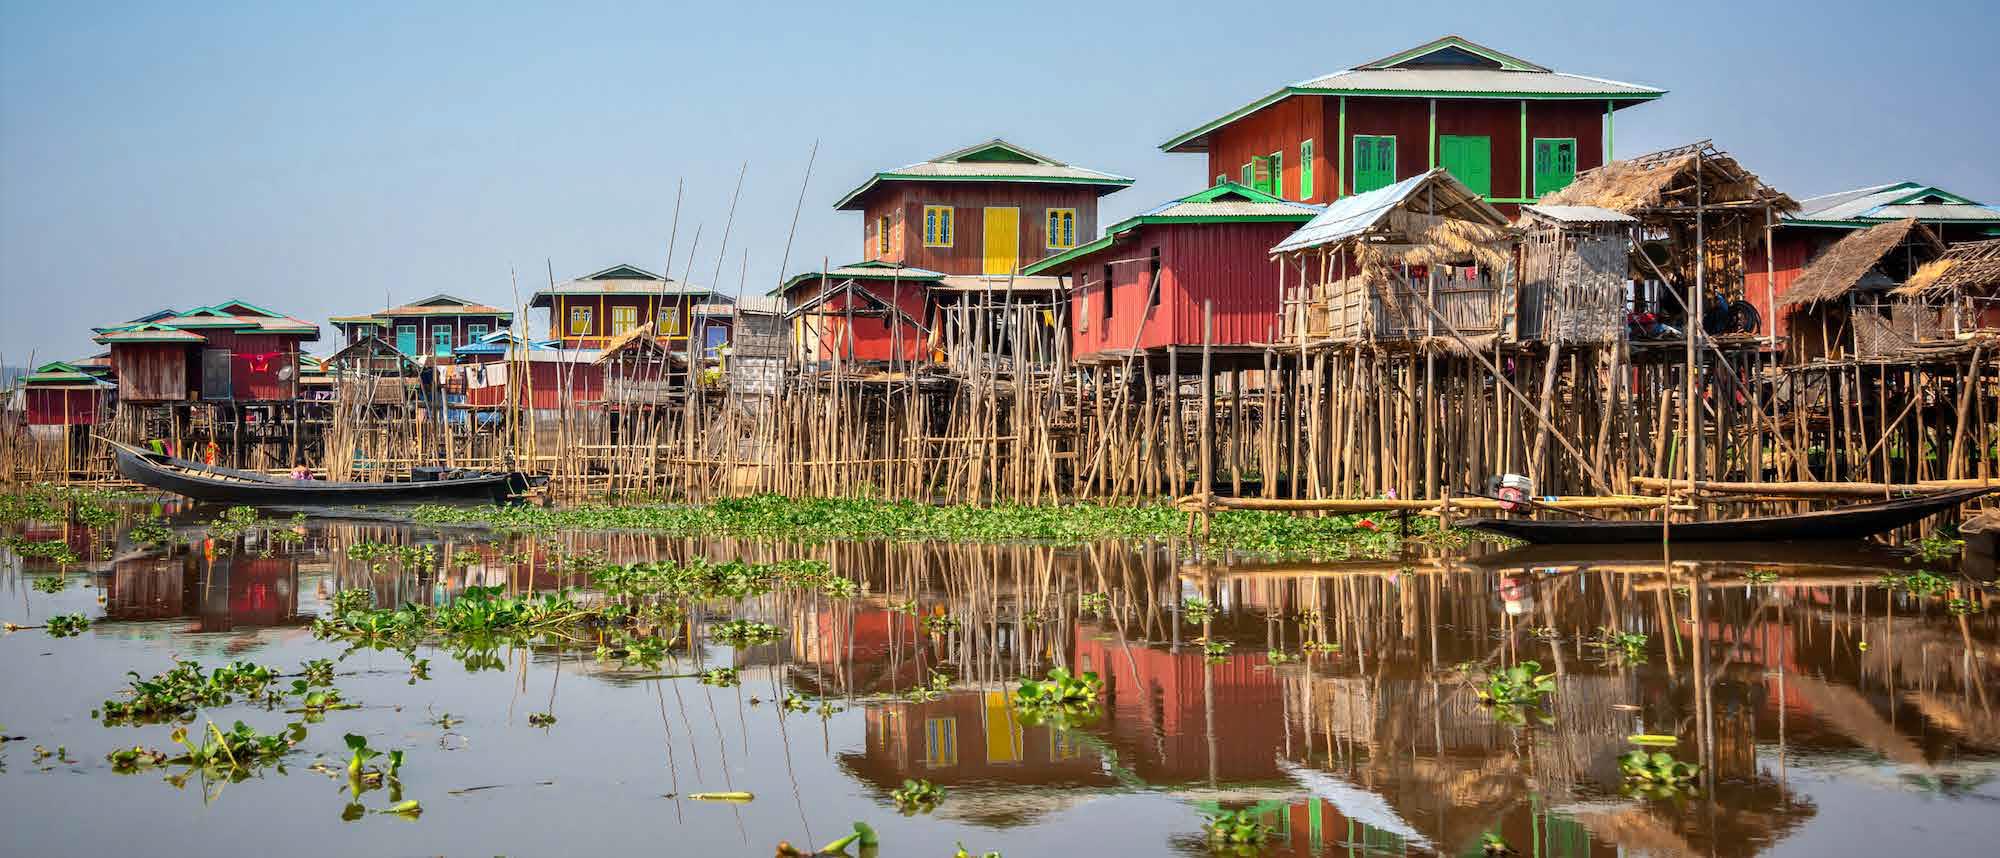 Alla Scoperta del lago Inle – Viaggiare Responsabilmente in Myanmar